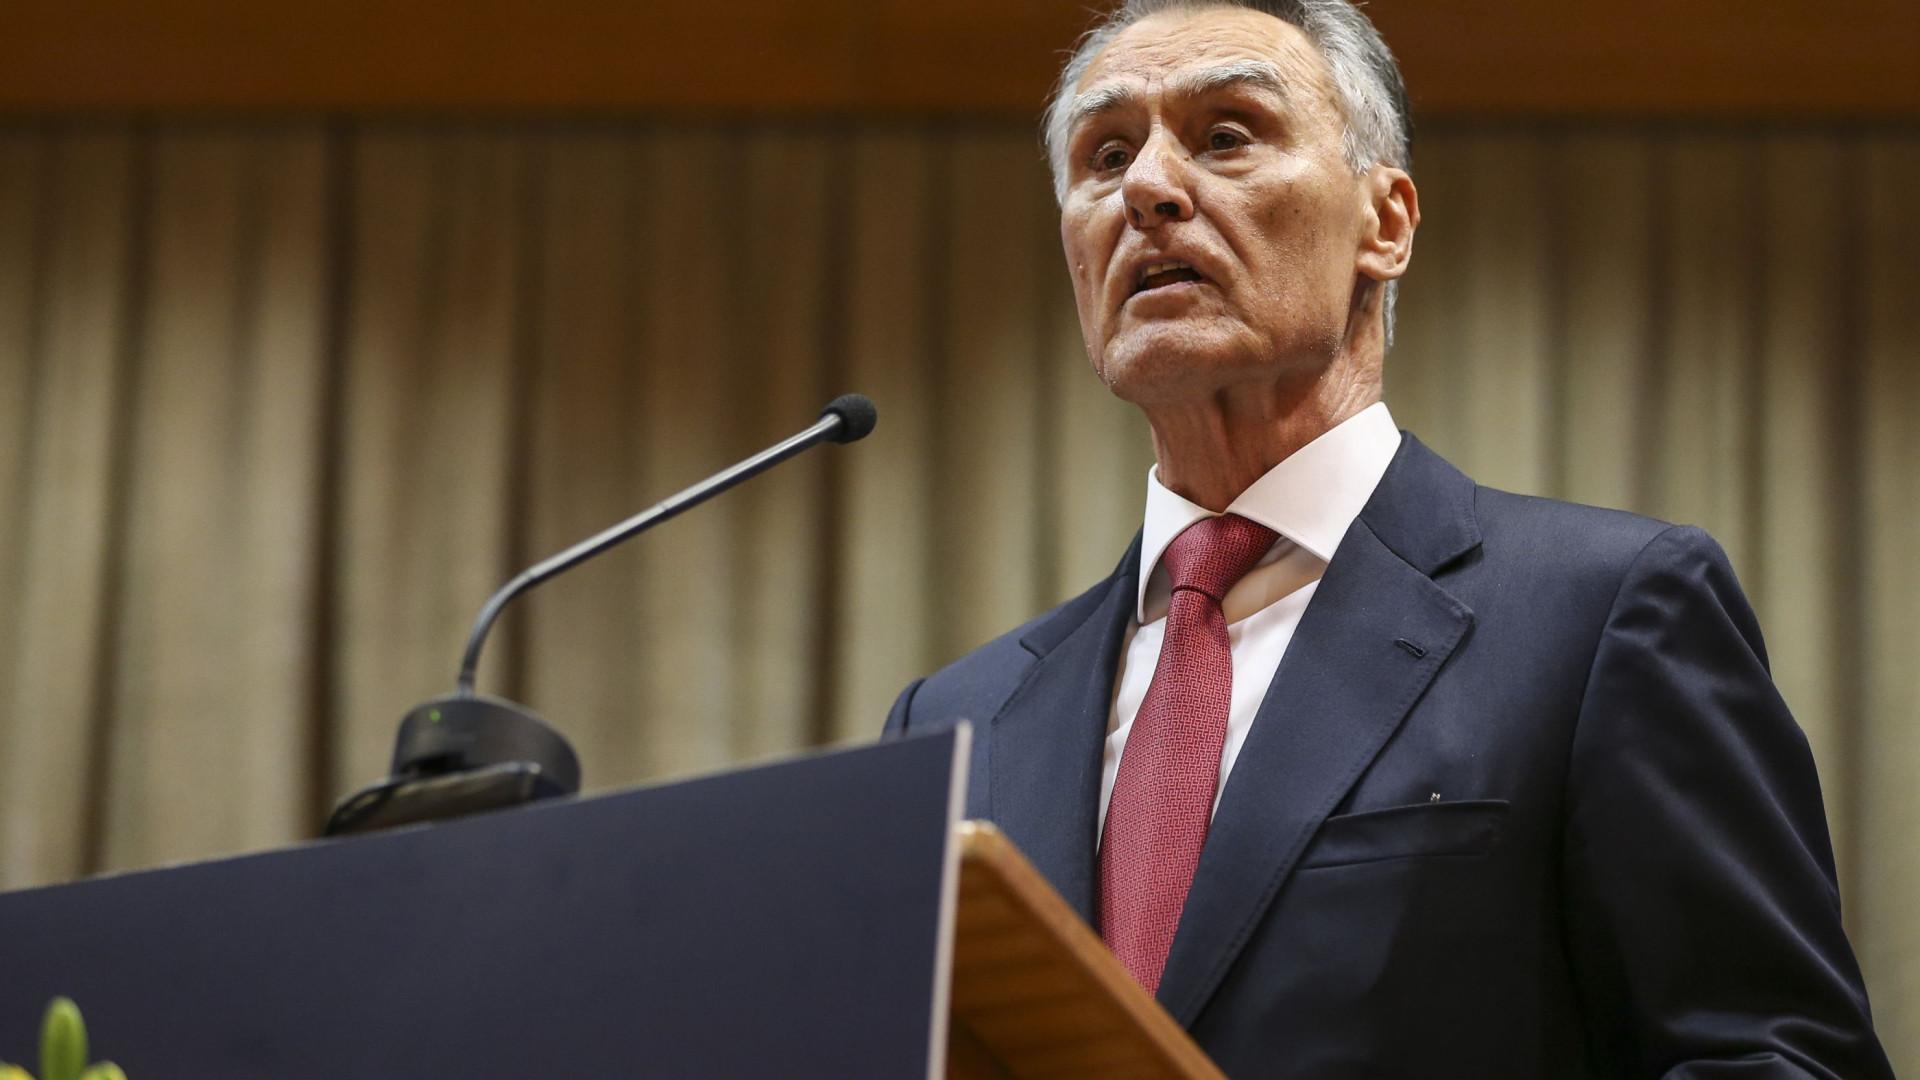 Demissão de Portas teve como propósito destruir credibilidade de ministra